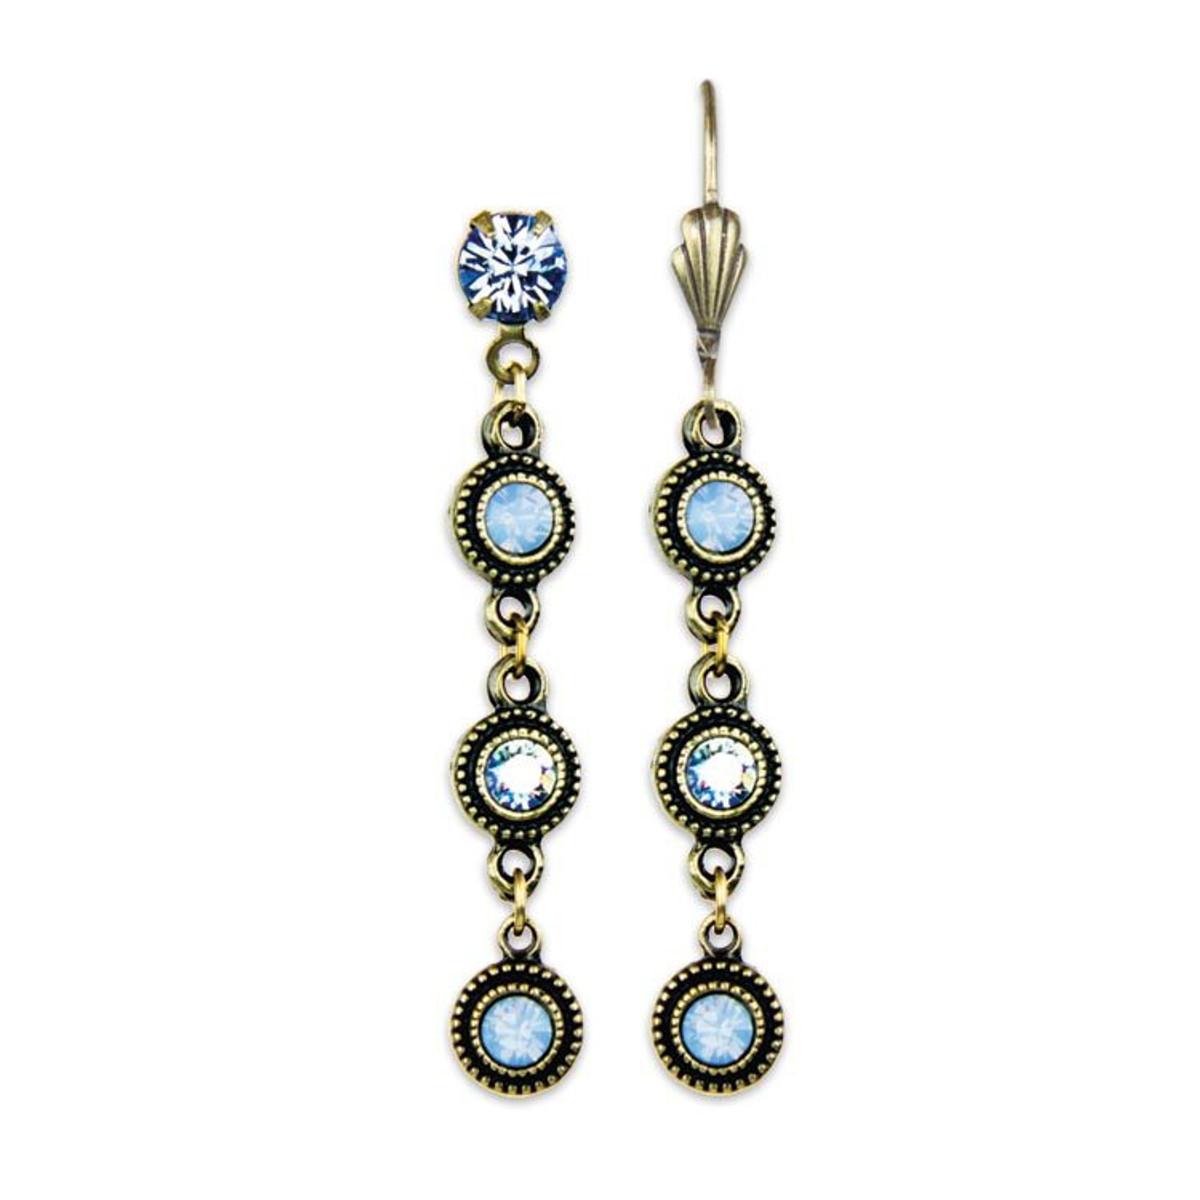 Anne Koplik Heavenly Blue Paris Earrings